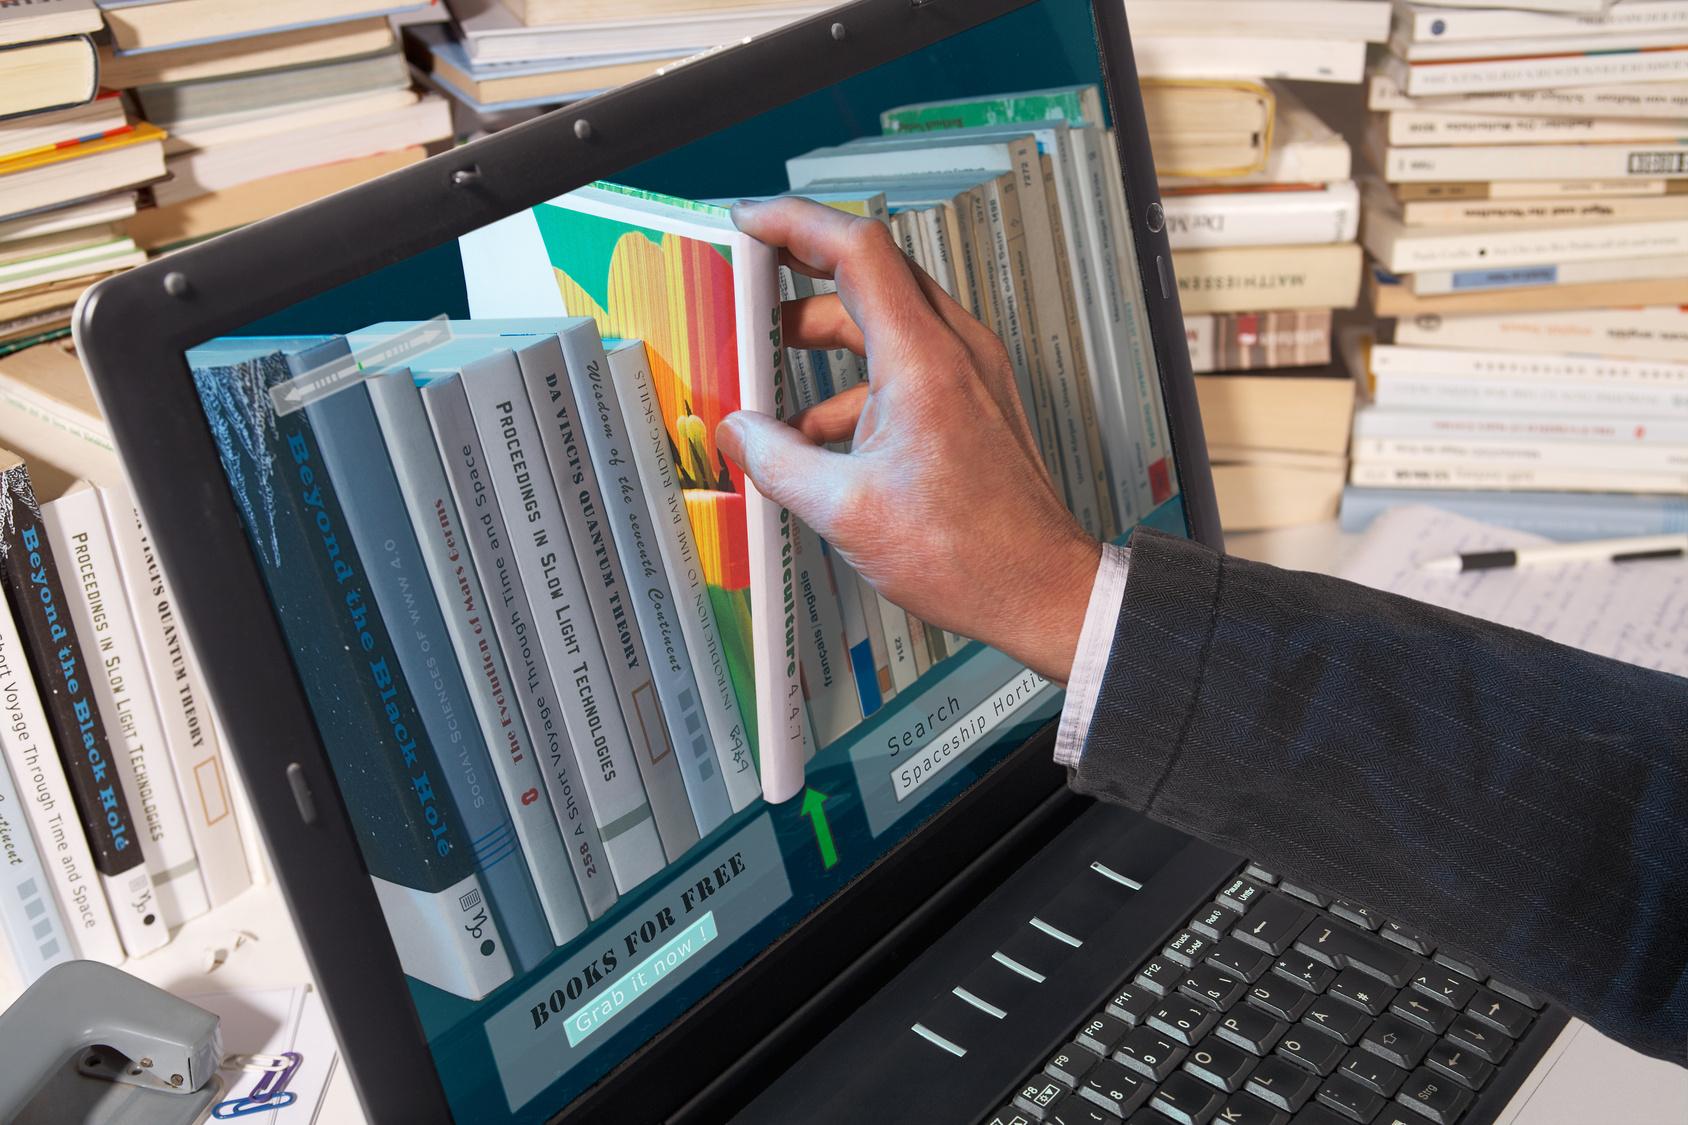 Книги и компьютер в картинках